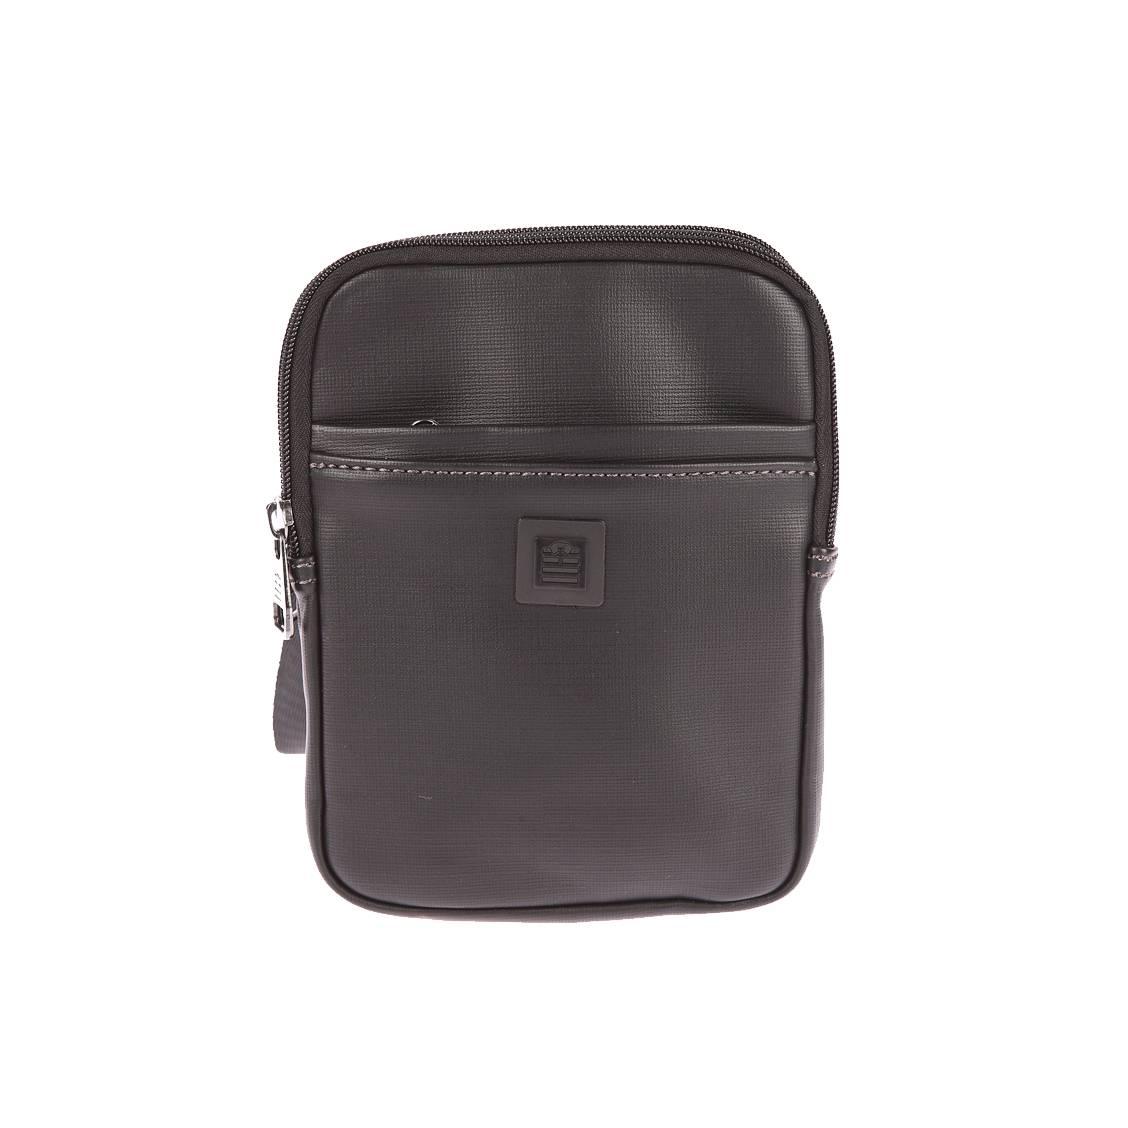 Sacoche zippée Serge Blanco noire à double compartiment 4RPDS1Ork